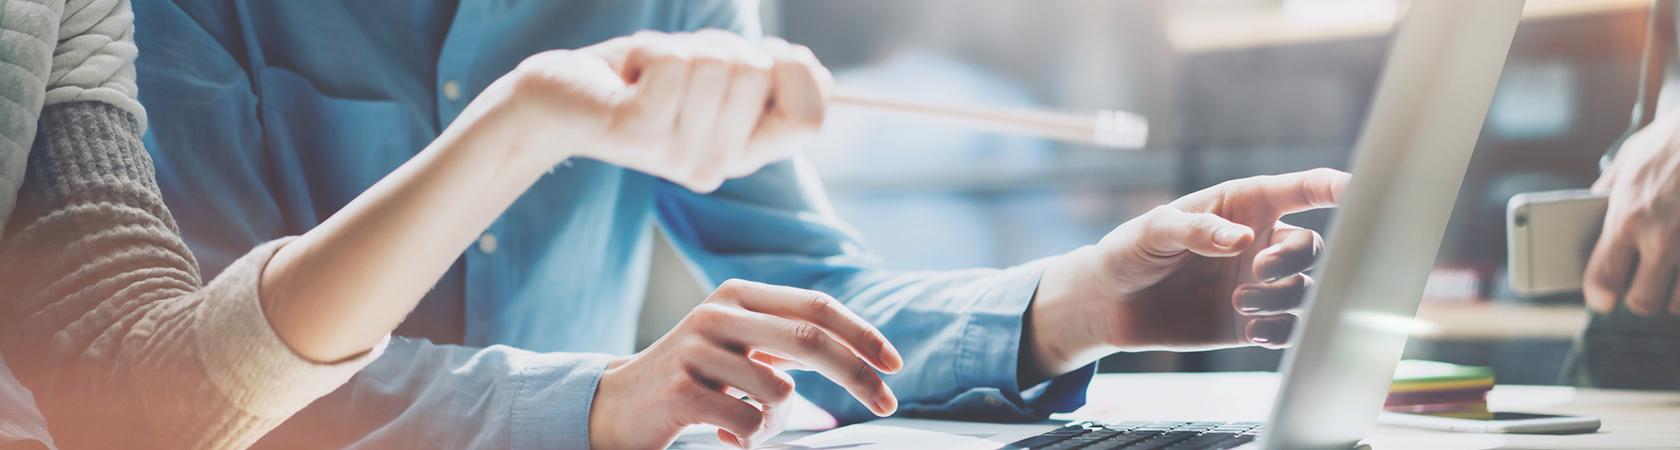 Points forts - MBA Communication et Marketing Stratégique EFAP Paris